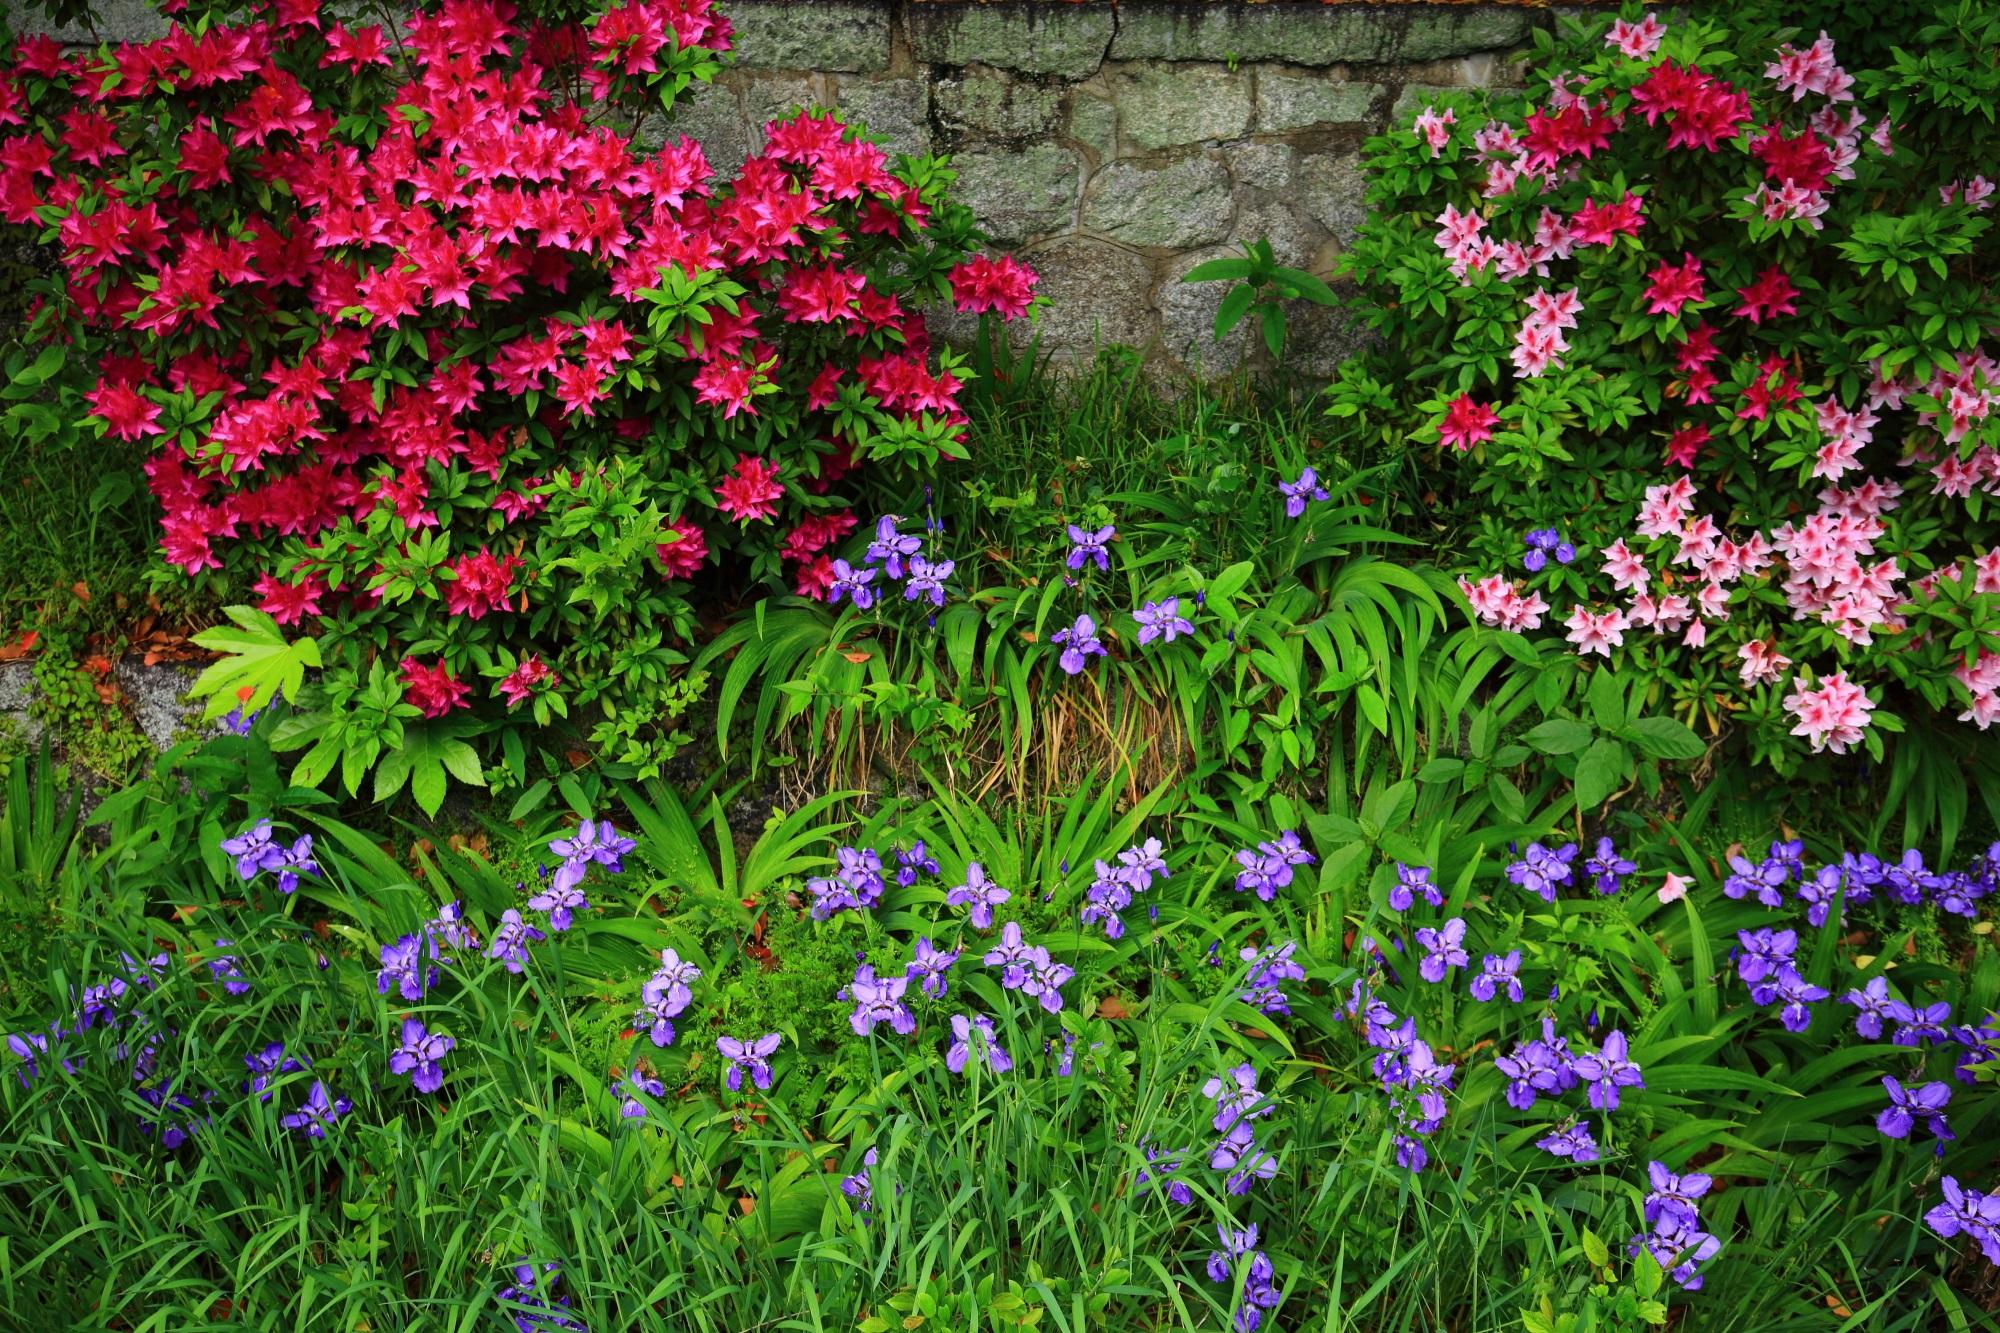 上御霊神社の鮮やかなピンクや赤のツツジの花と華やかな薄紫のイチハツの花